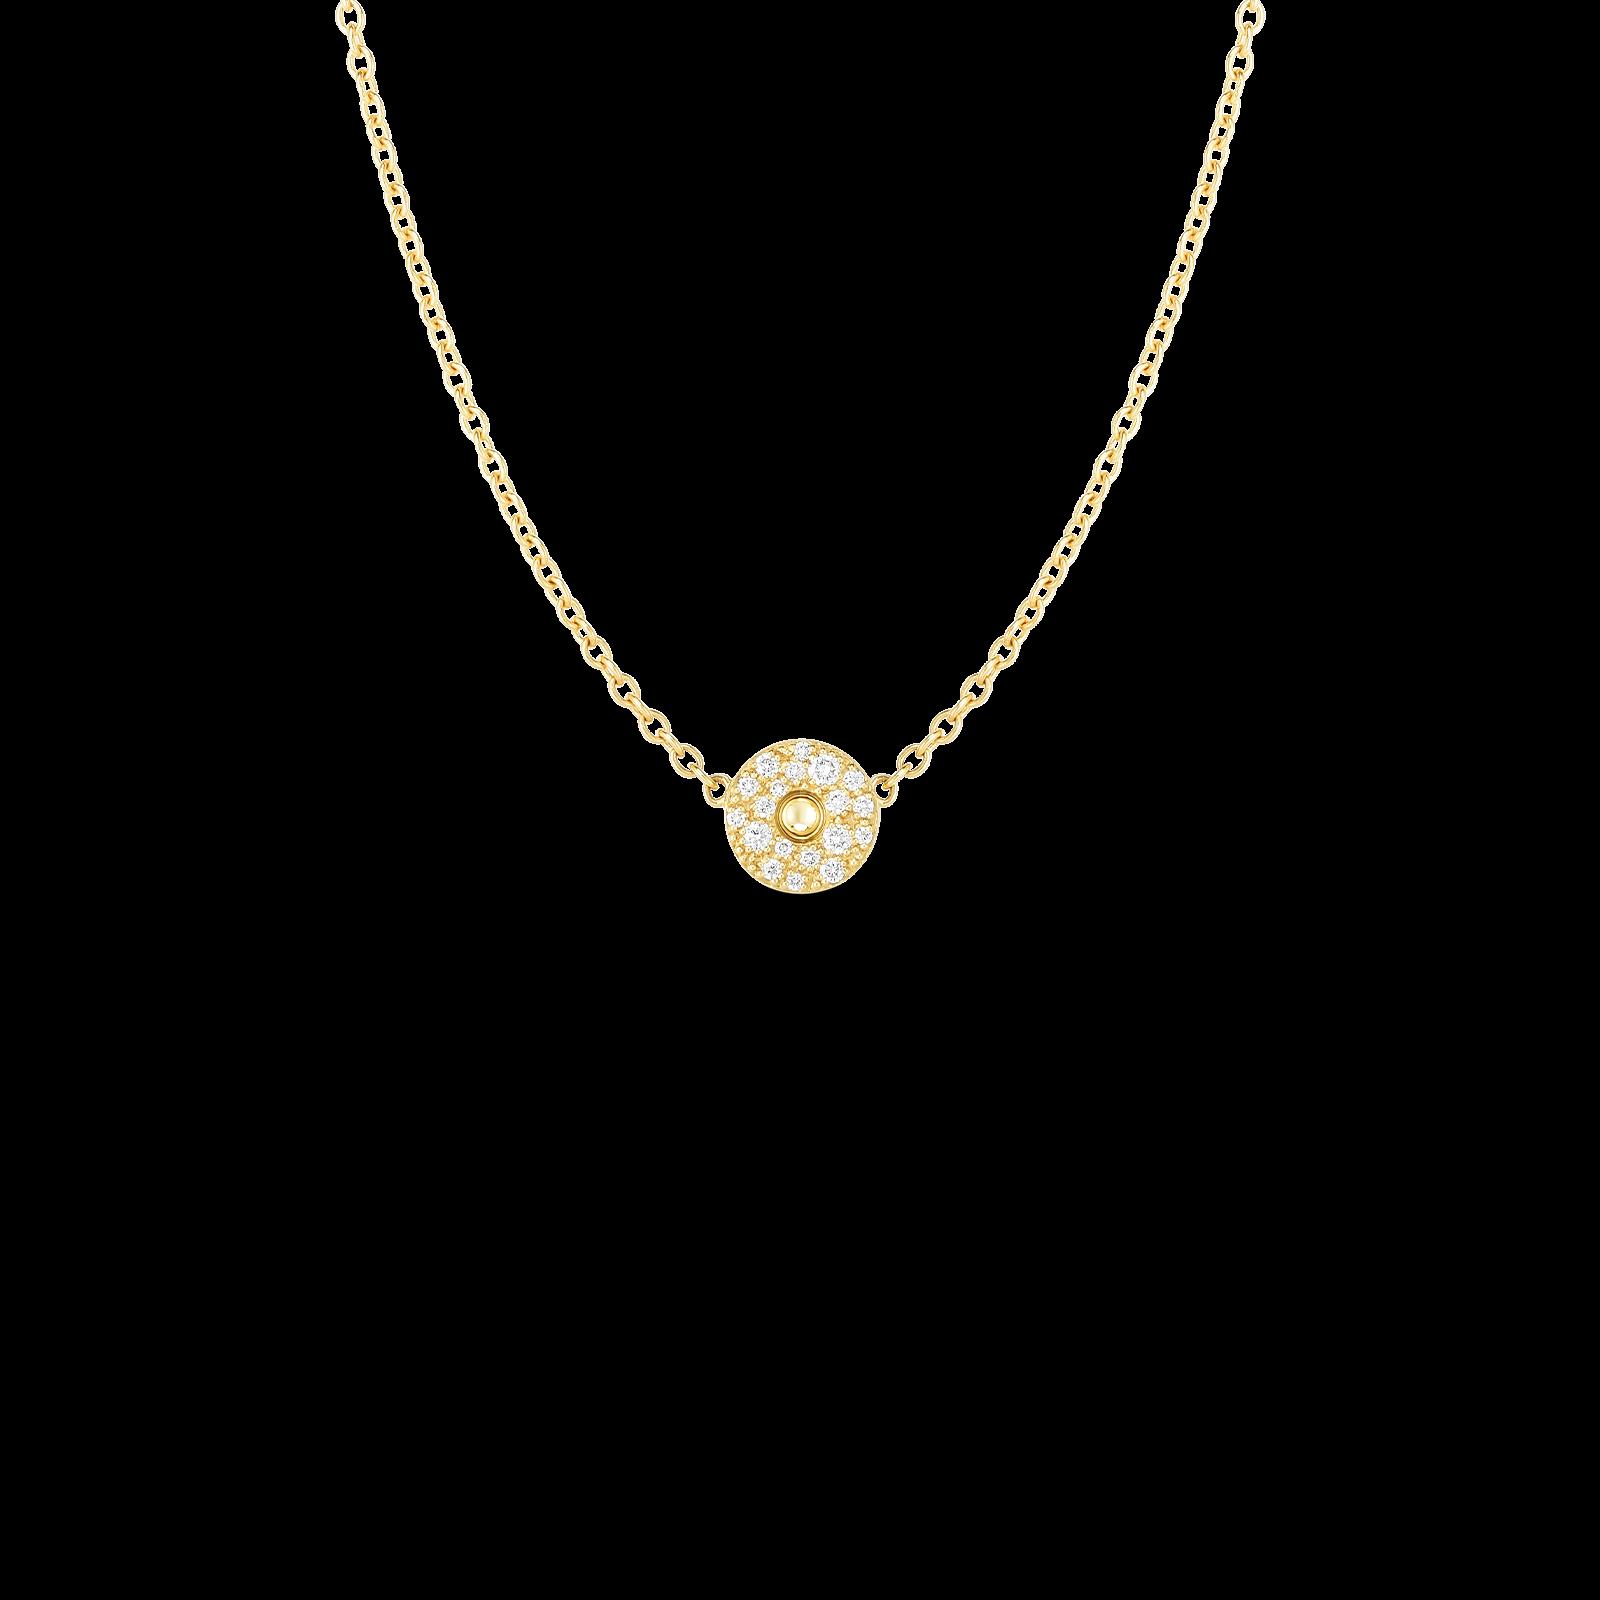 Roberto Coin Pois Moi Diamond Circle Necklace in 18K Gold